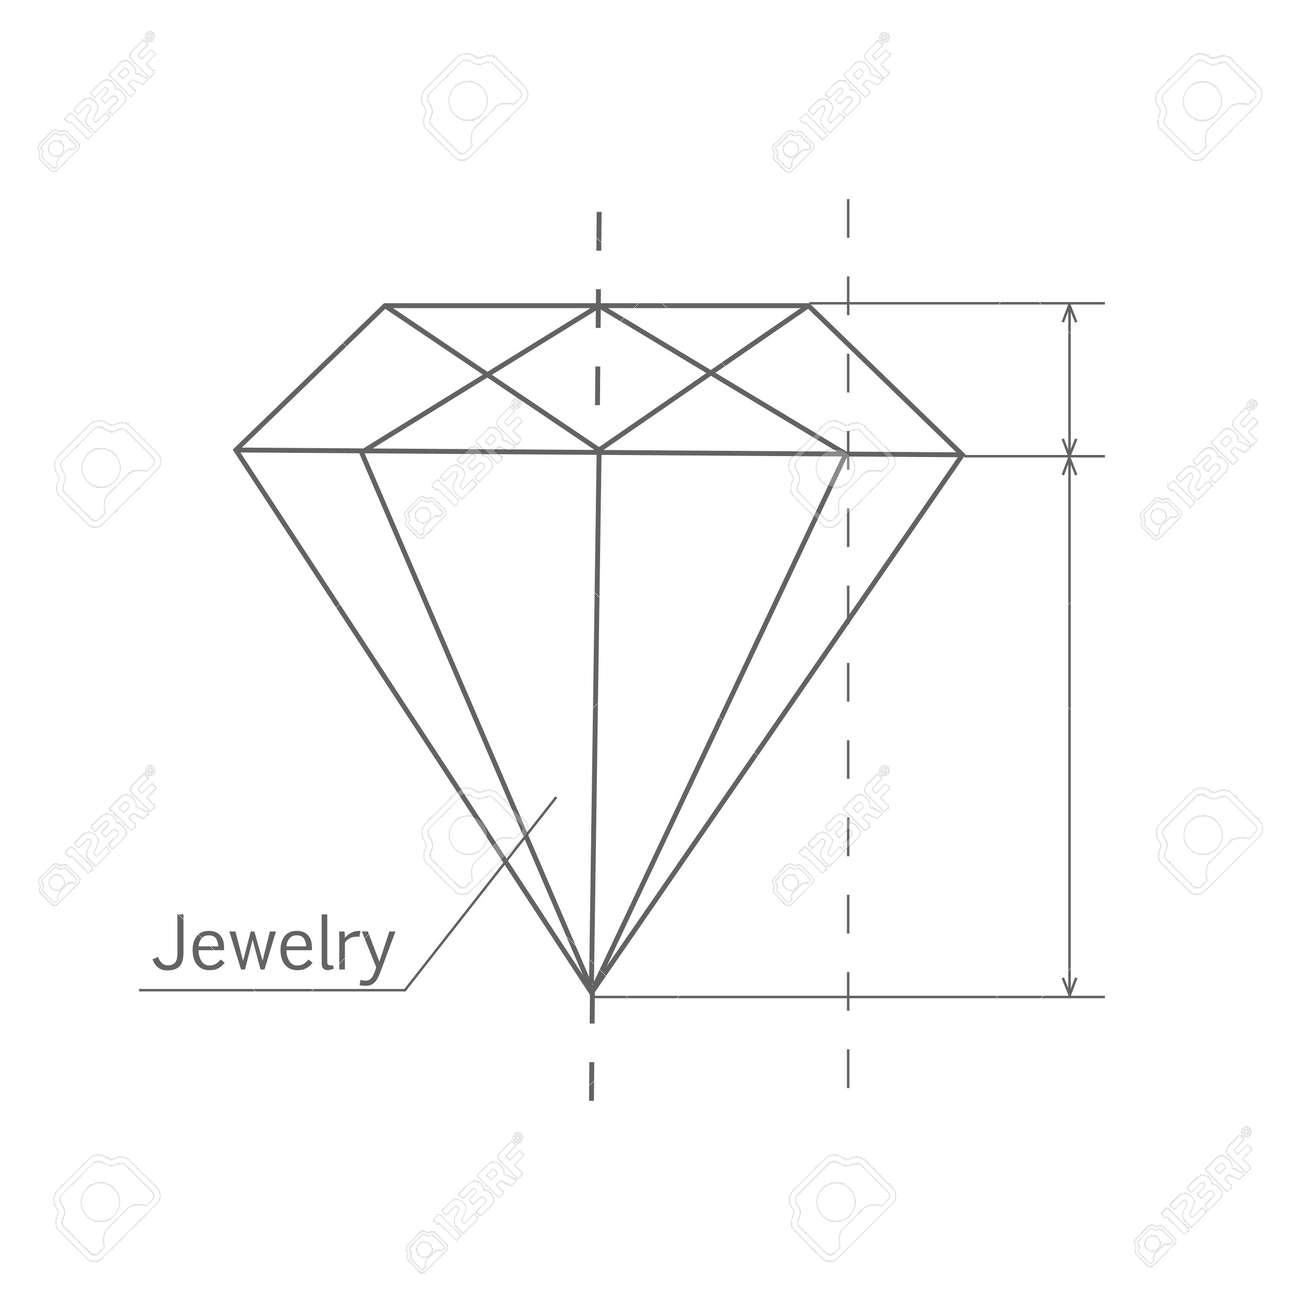 Diamond esquema grfico forma de diamante blueprint esquema de blueprint esquema de joyas joya craft la fabricacin de joyas un proceso de joyera hecha a mano fabricacin de joyas ilustracin vectorial aislados en malvernweather Image collections